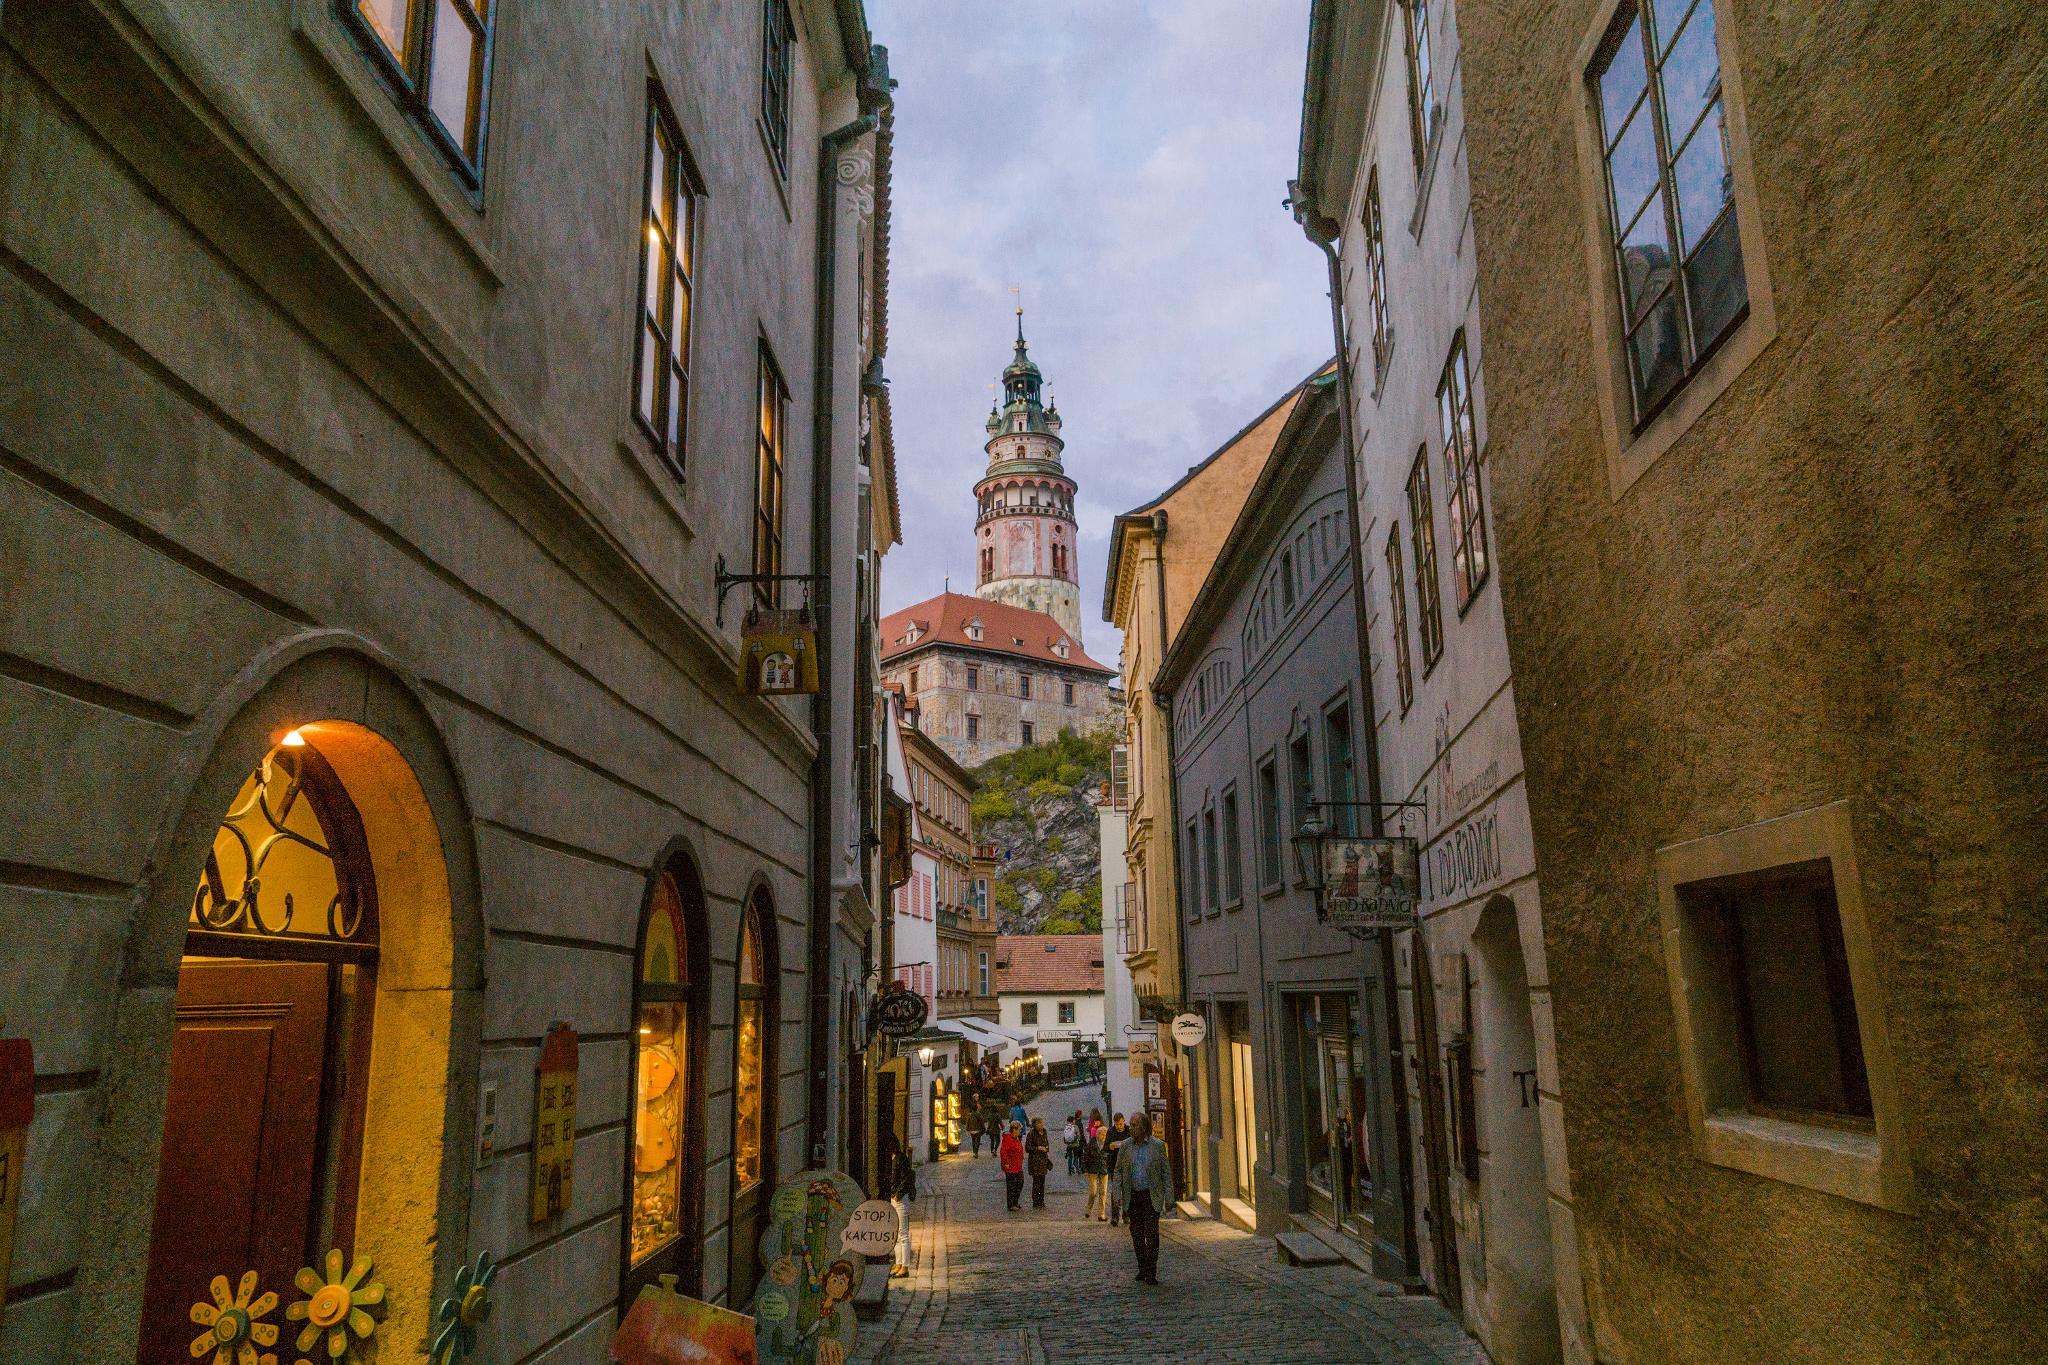 【捷克】行家推薦:Český Krumlov 庫倫洛夫攝影點總整理 & 私房夜景大公開! 36